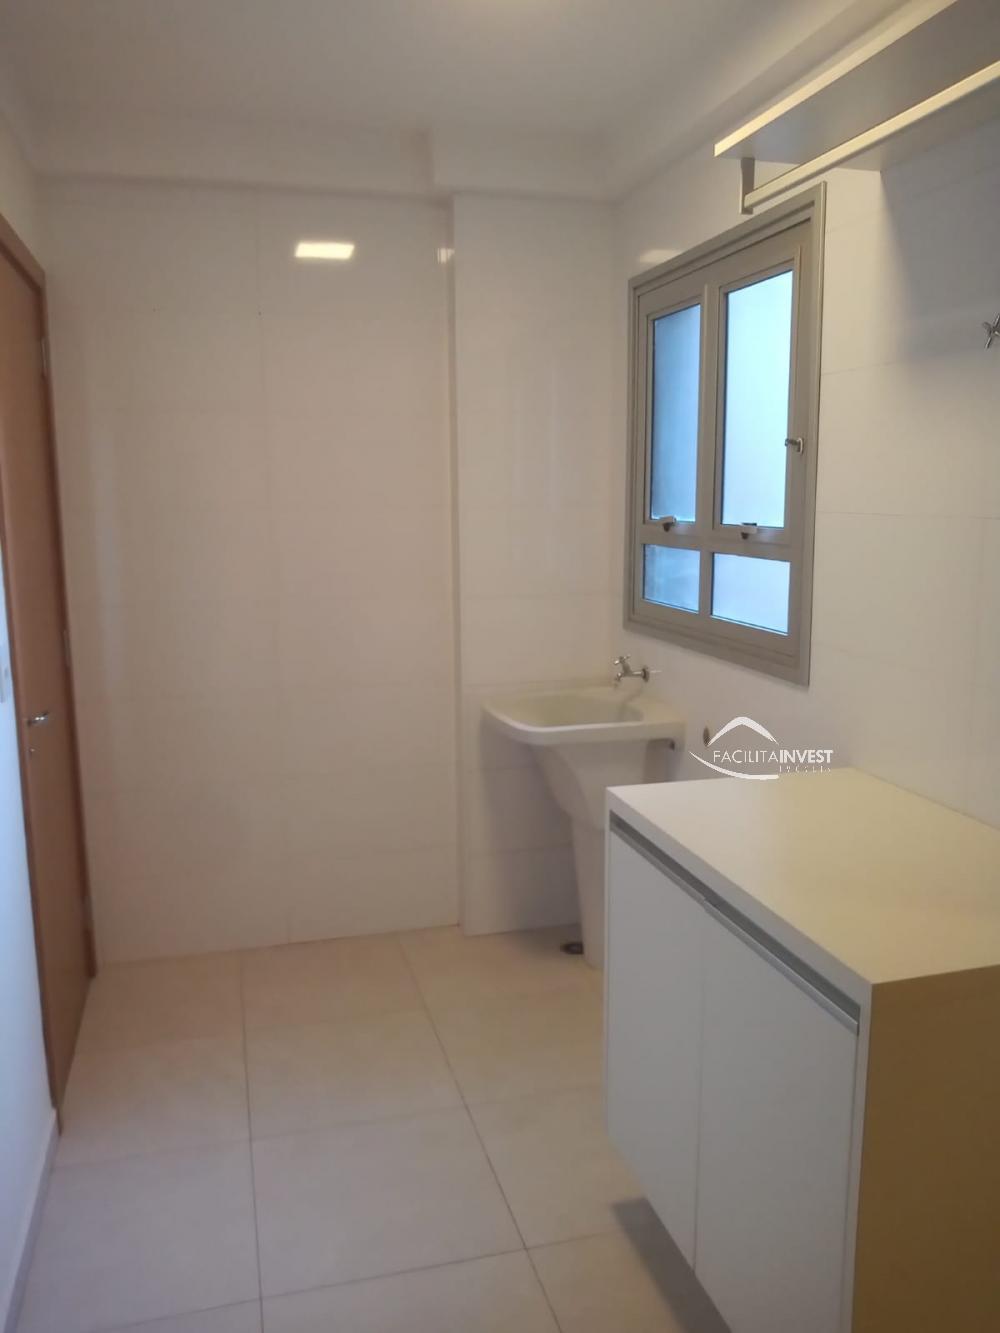 Alugar Apartamentos / Apart. Padrão em Ribeirão Preto R$ 3.500,00 - Foto 6